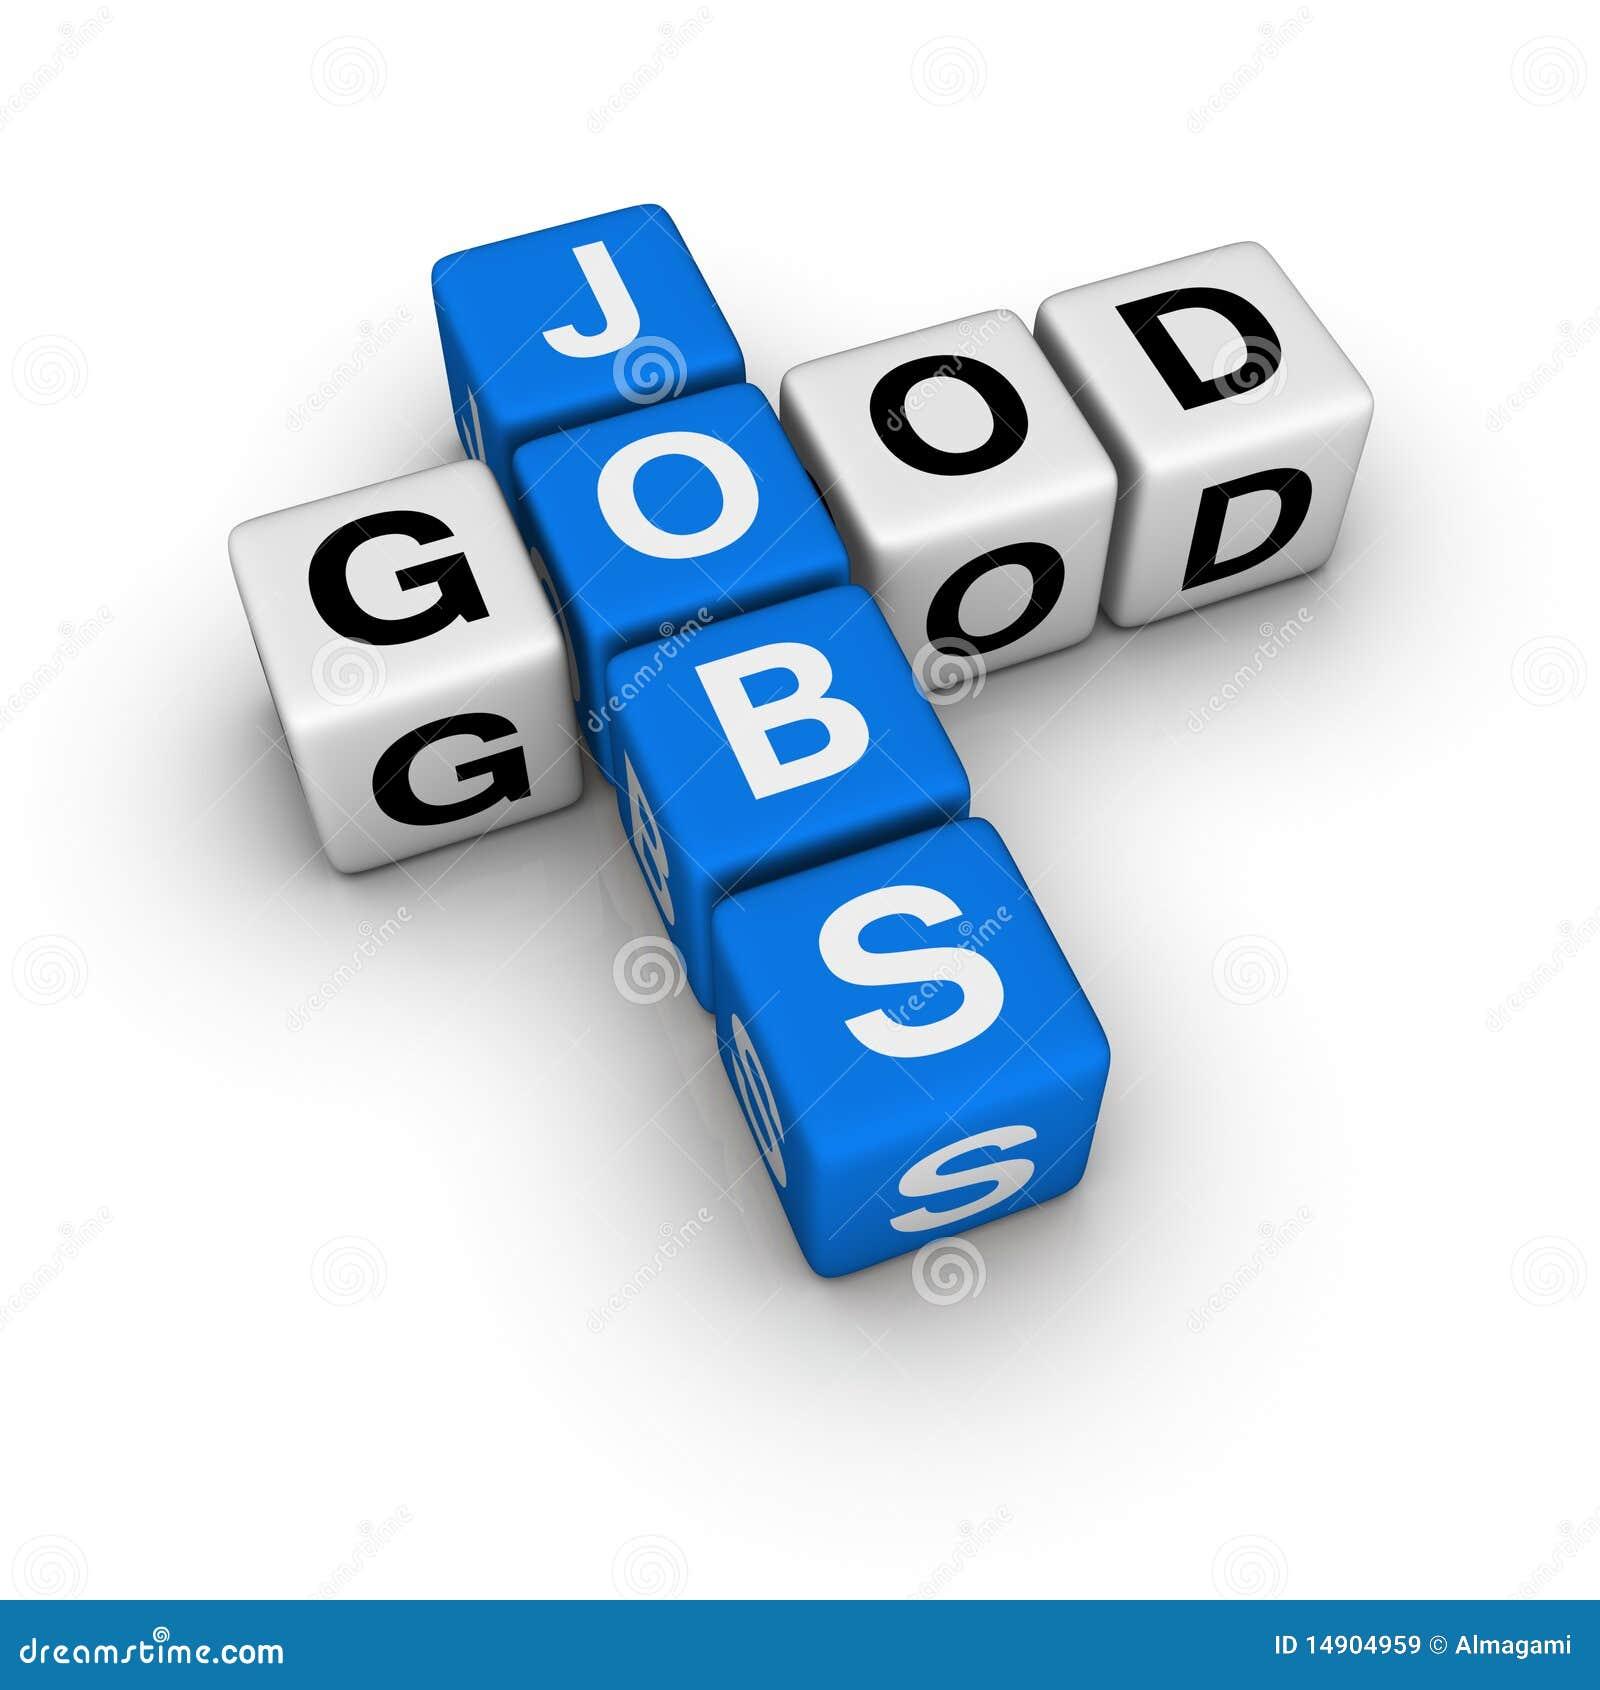 job aspirations